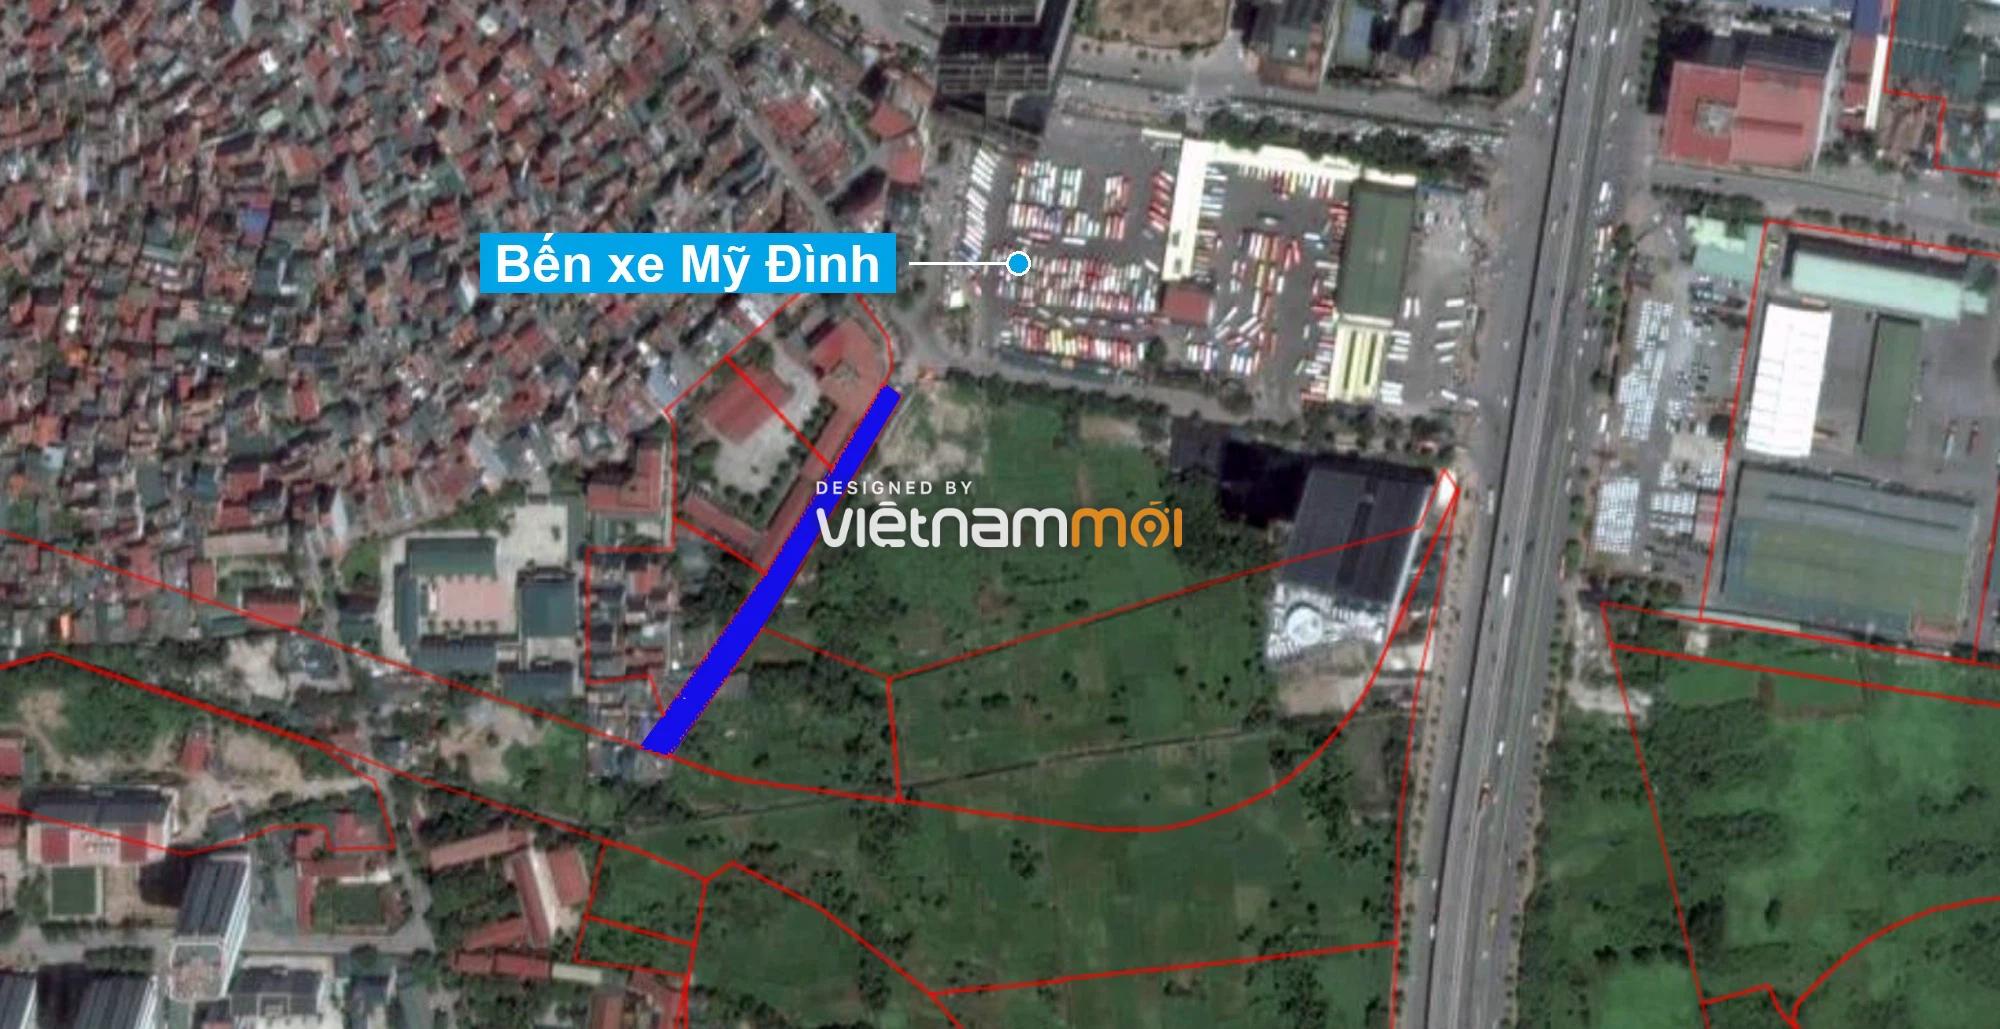 Những khu đất sắp thu hồi để mở đường ở phường Mỹ Đình 2, Nam Từ Liêm, Hà Nội (phần 1) - Ảnh 14.